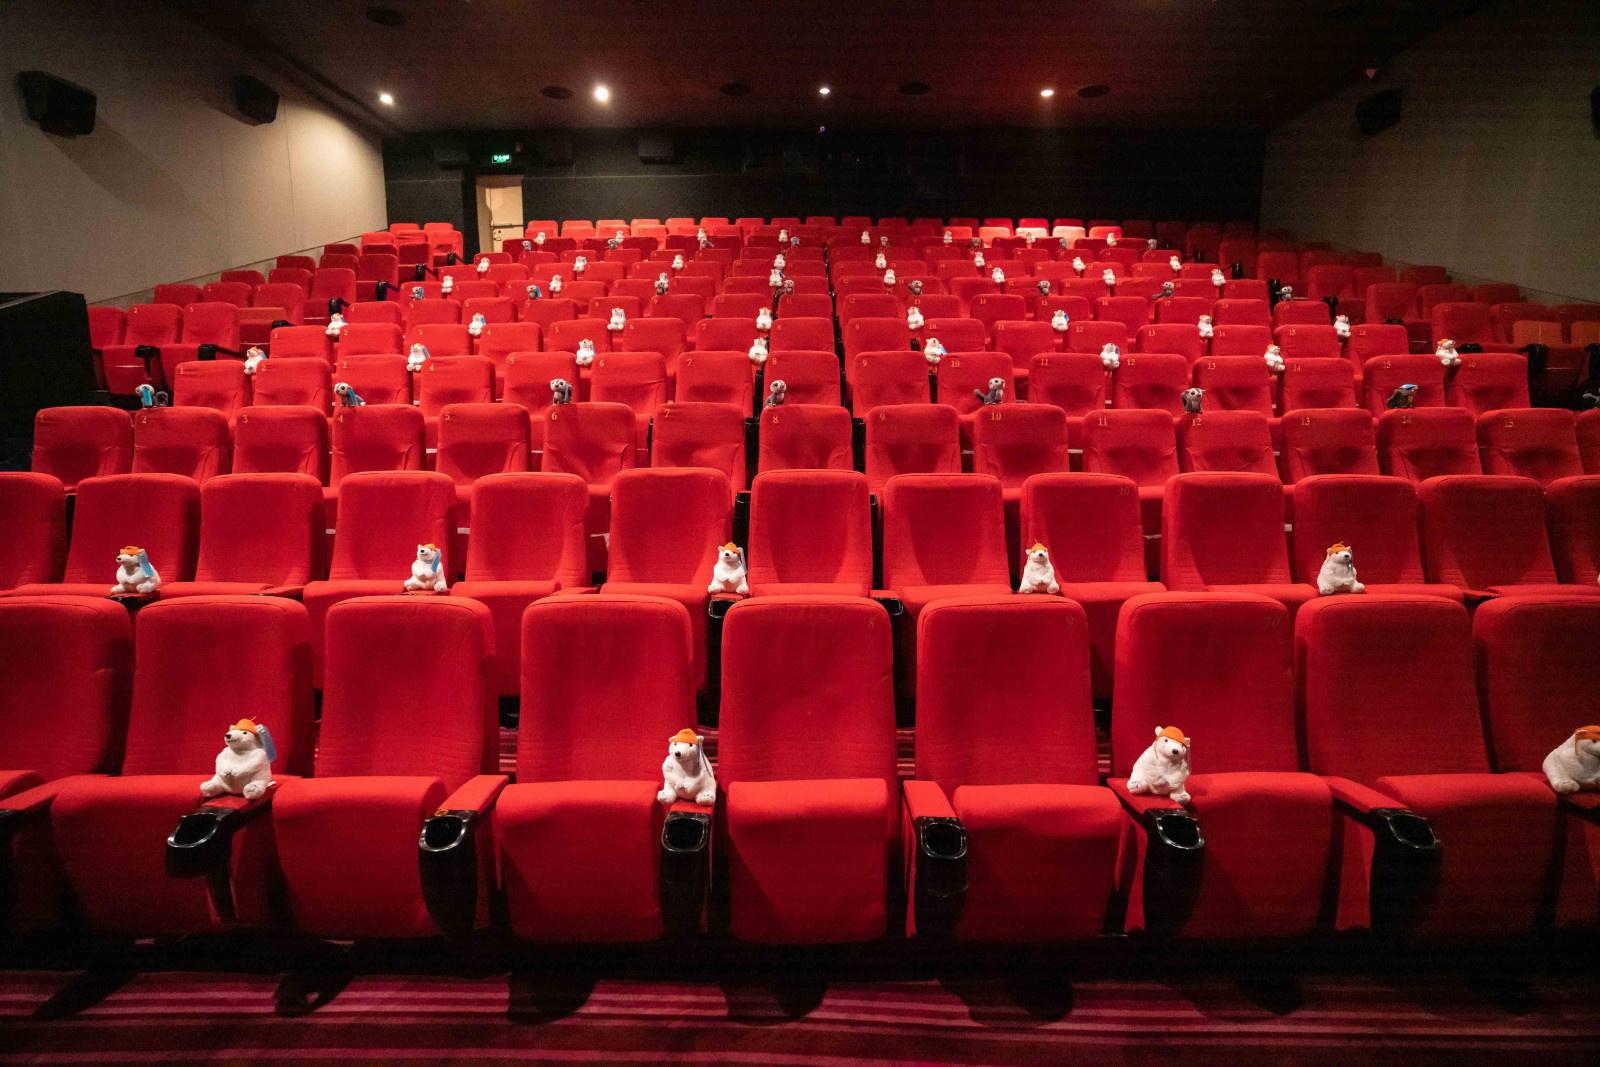 全球影业举行复工后首场观影 《多力特》惊喜上映 第4张